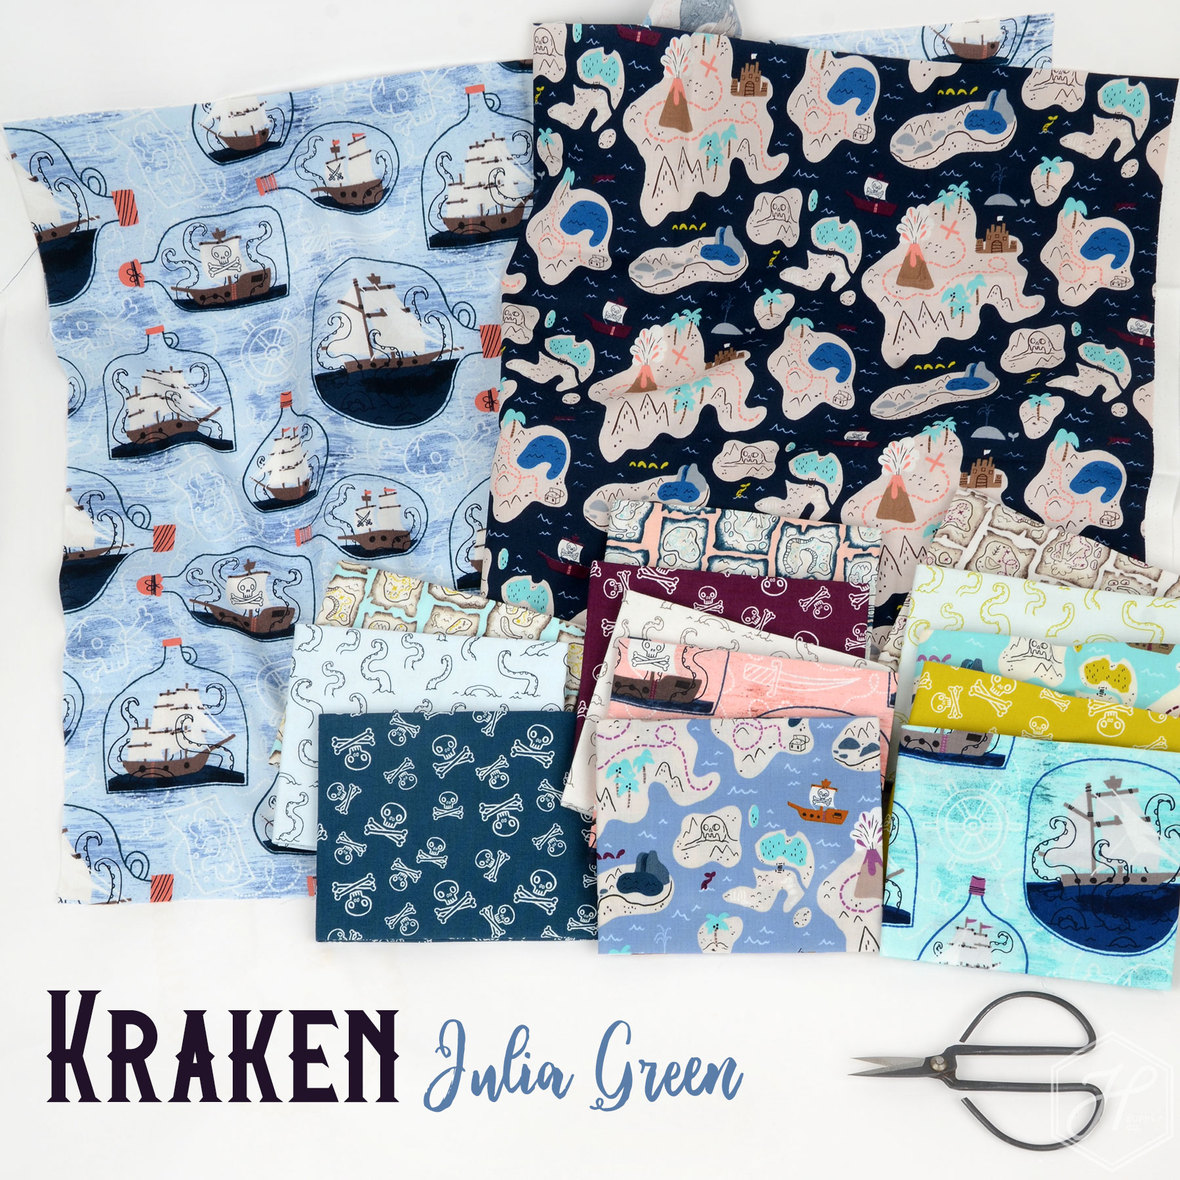 Kraken-Fabric-Julia-Green-for-RJR-at-Hawthorne-Supply-Co